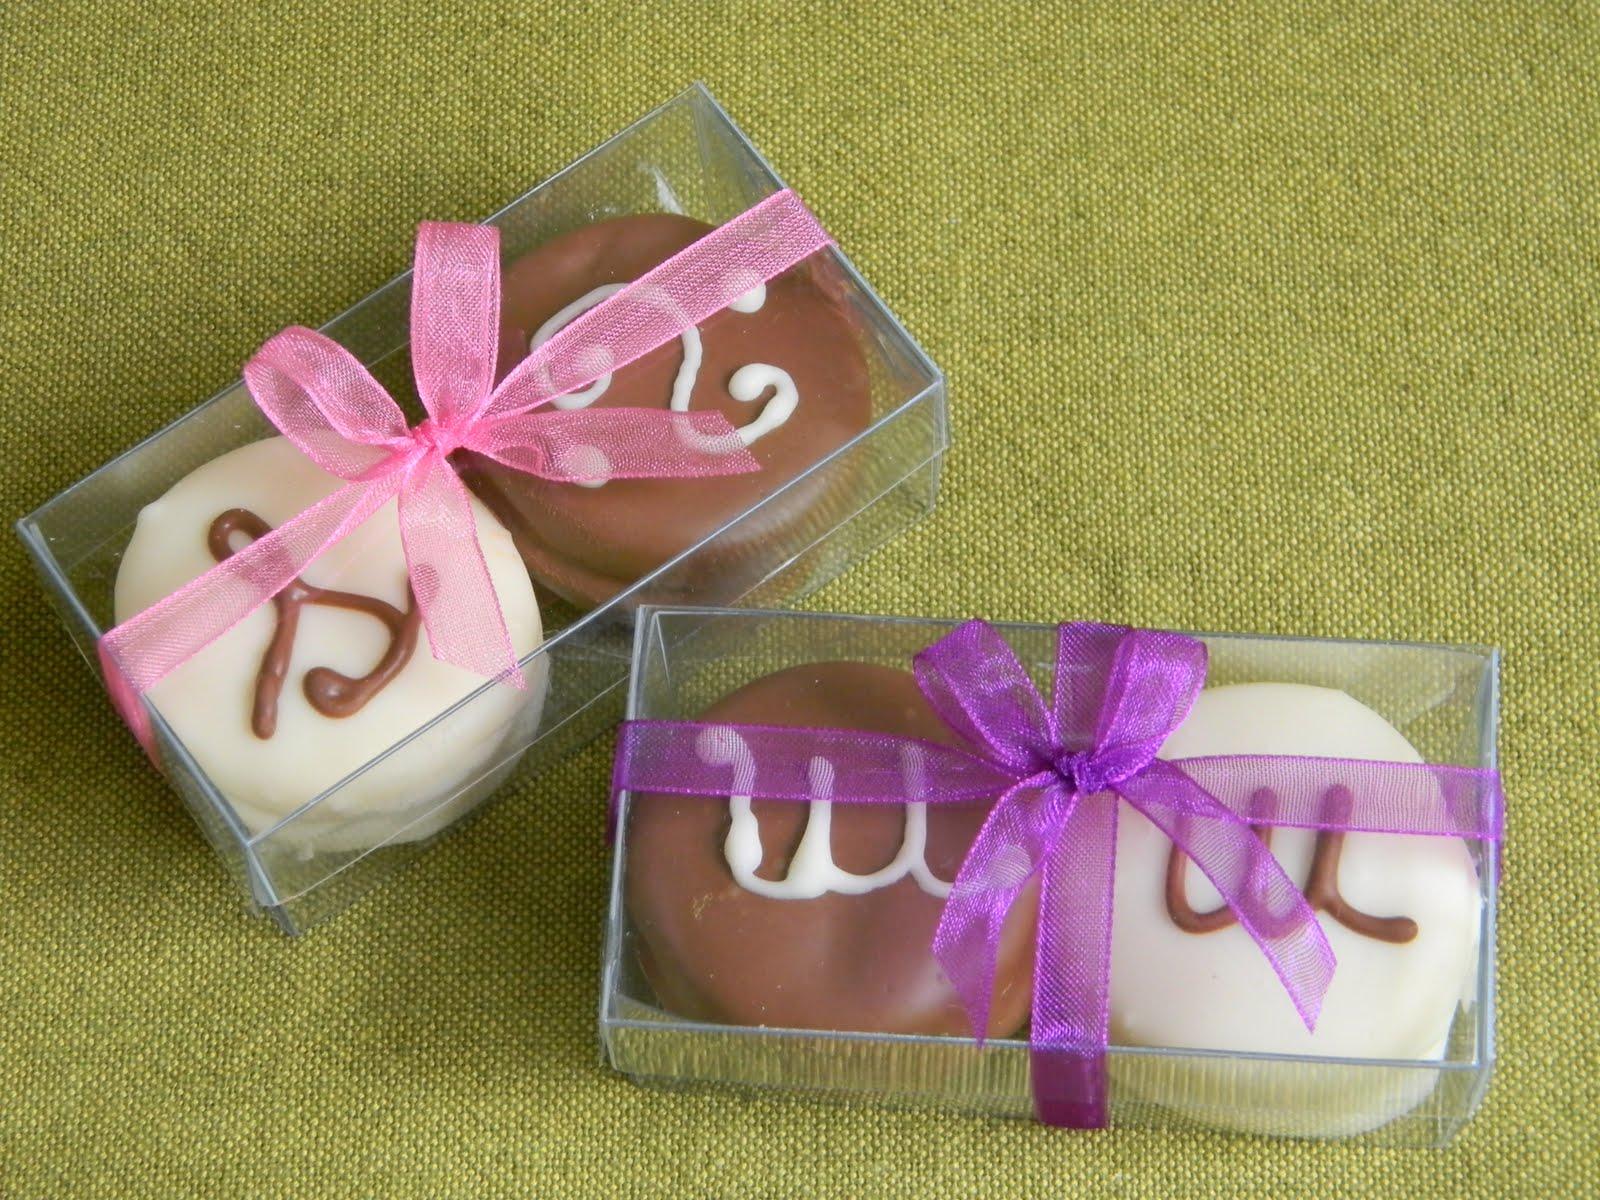 Cajas de 2 alfajores bañados en chocolate y decorados